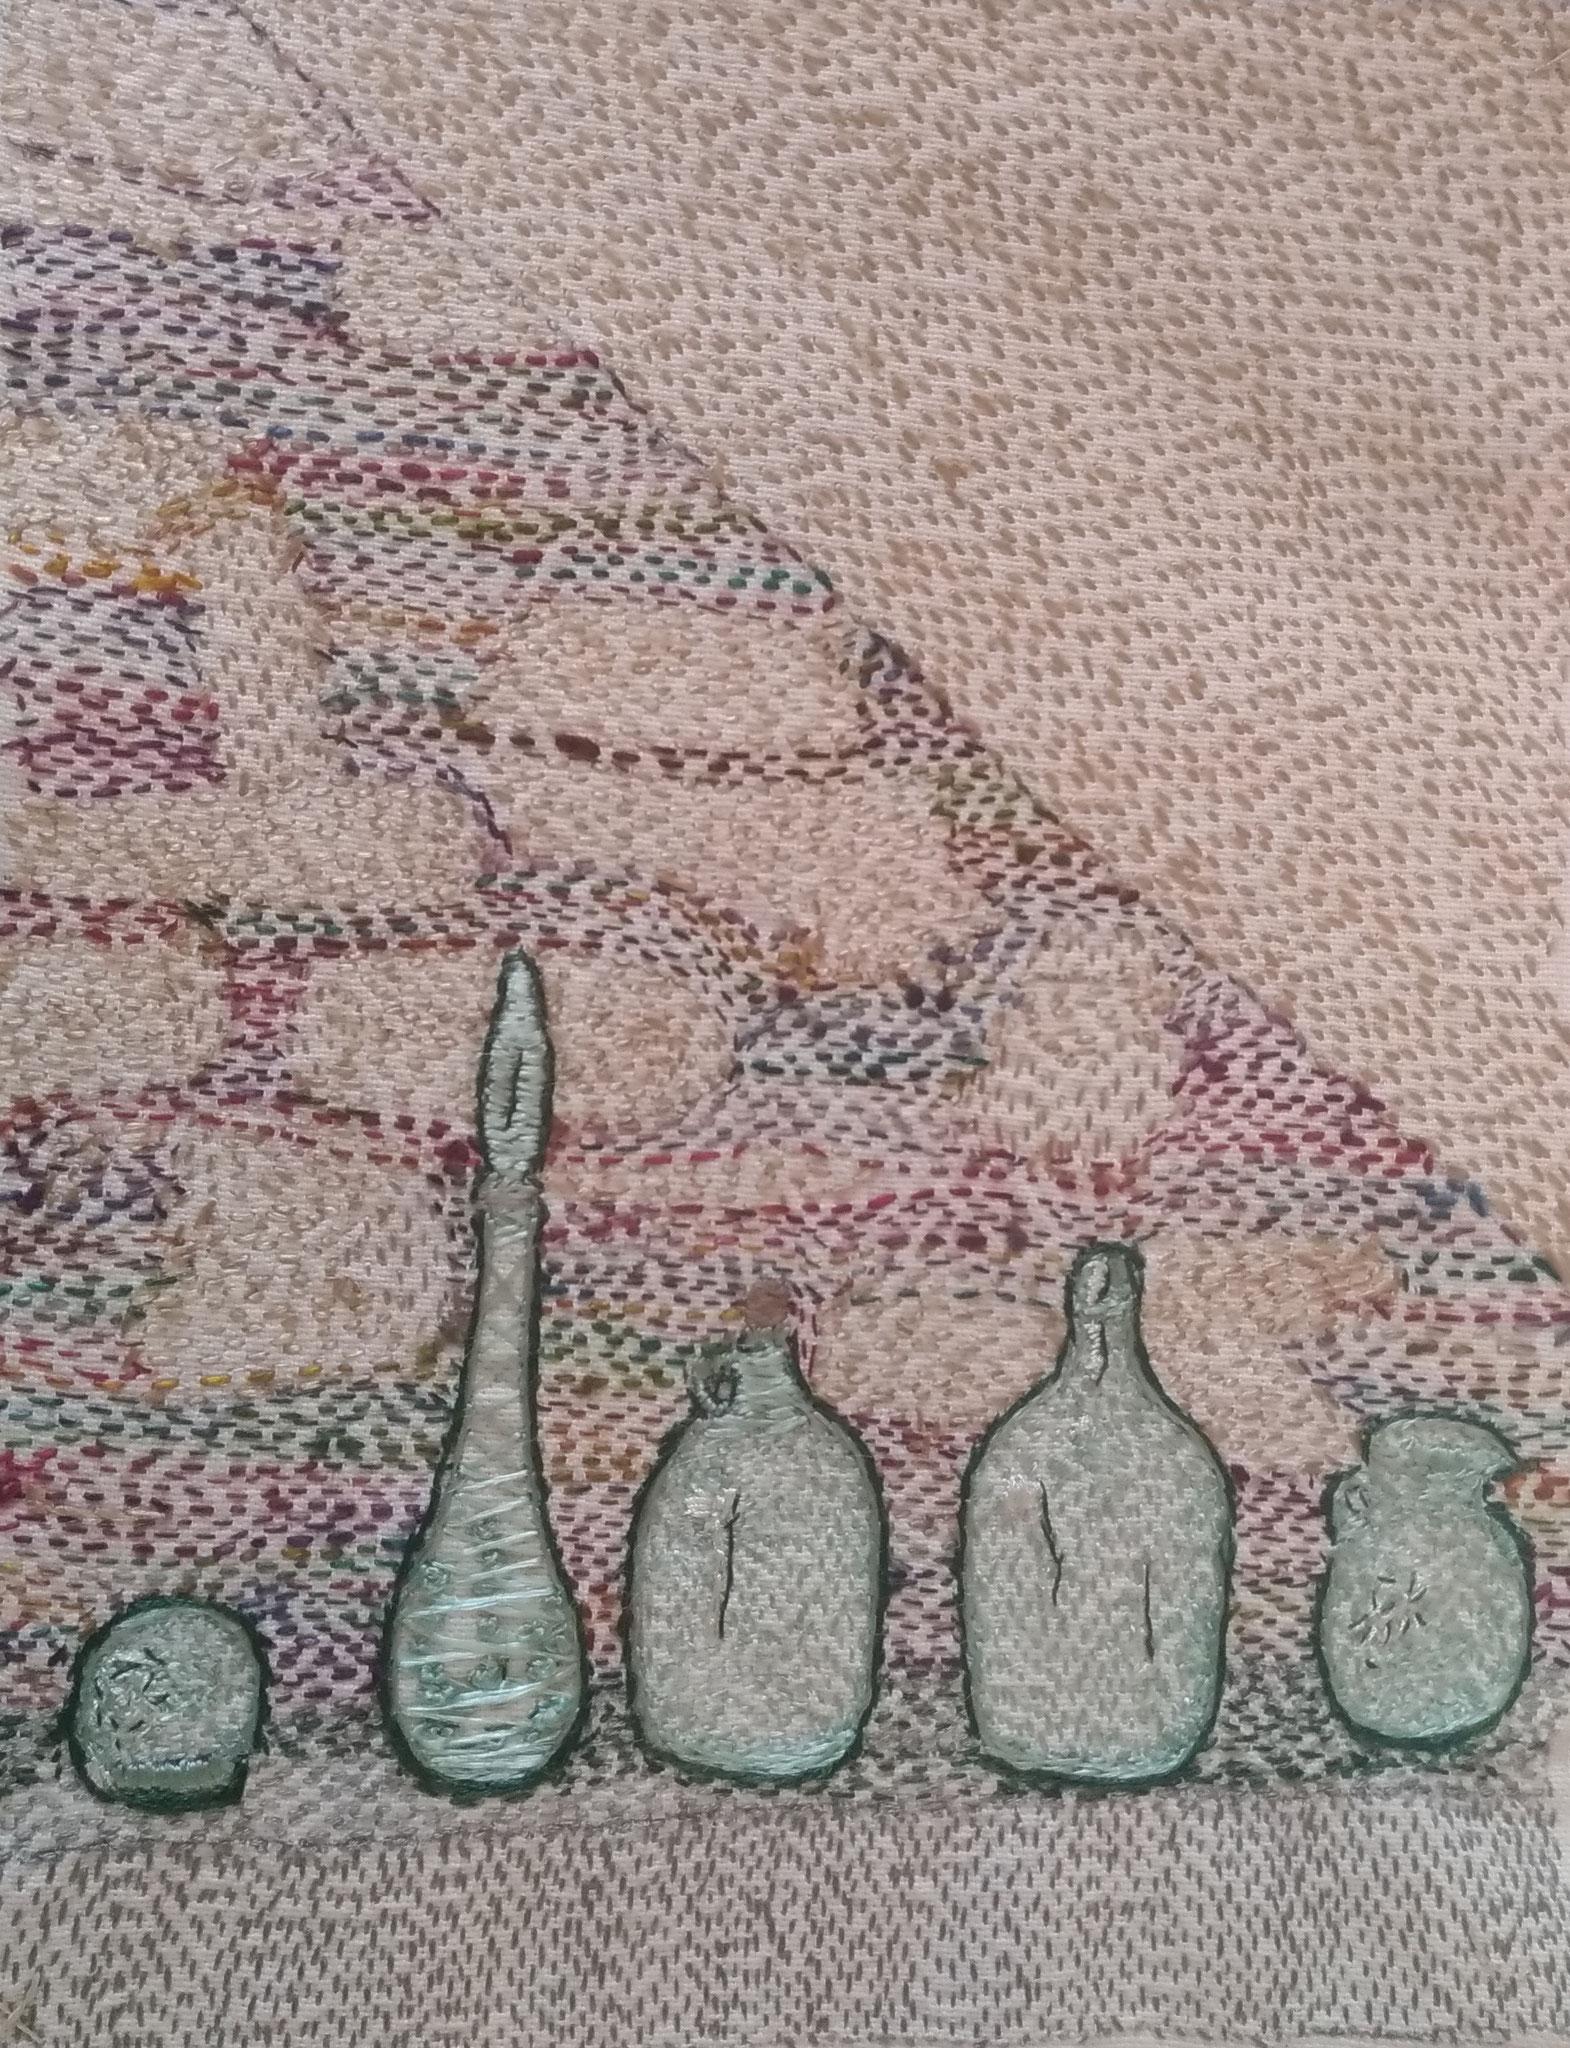 Fil de coton sur tissu en coton - 27x21cm